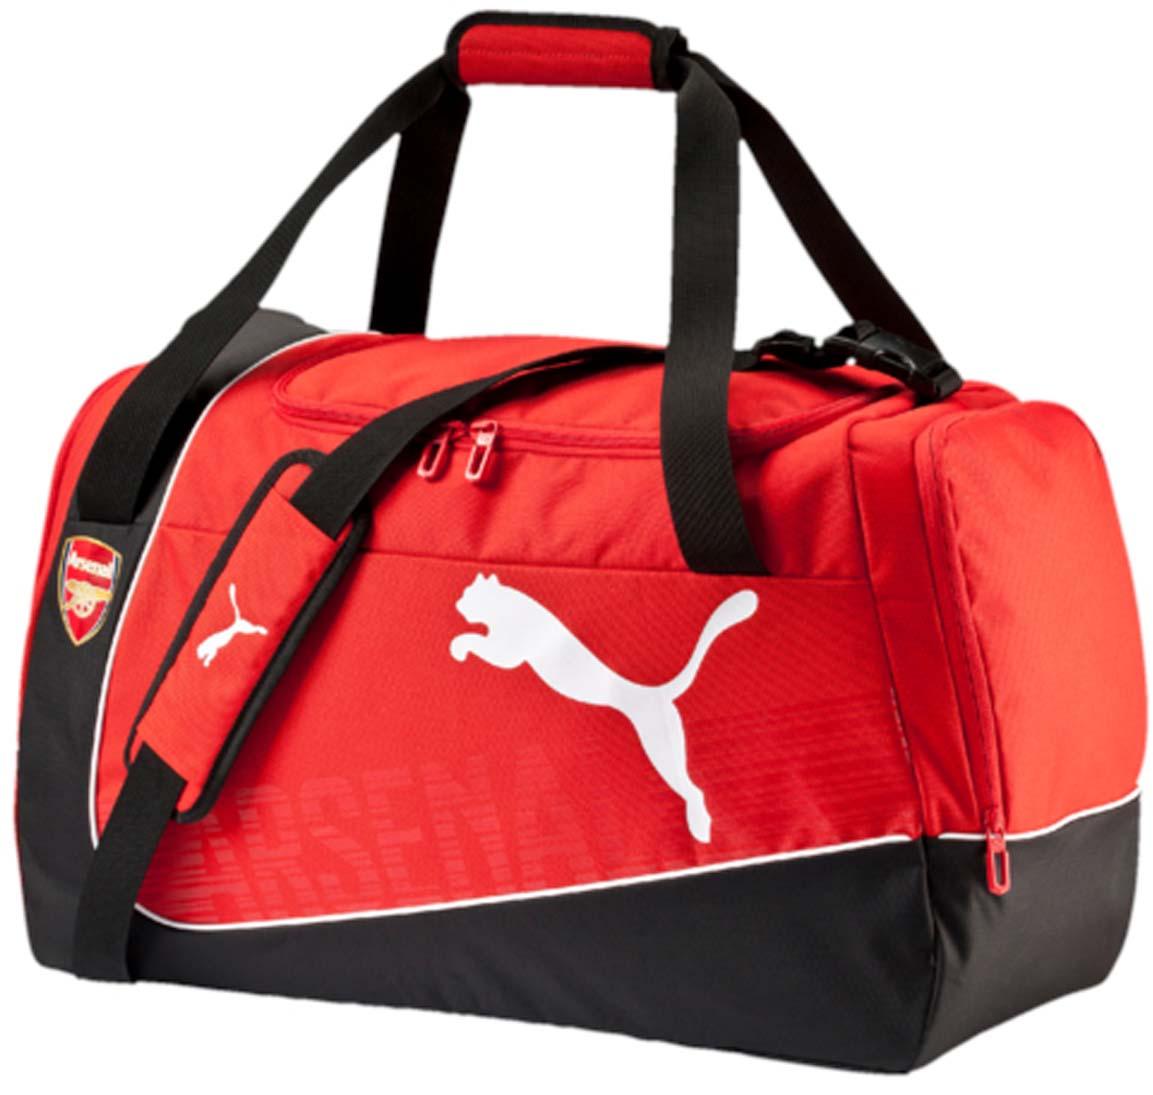 Сумка спортивная Puma Arsenal Medium Bag, цвет: красный. 07390501EQW-M710DB-1A1Вместительная спортивная сумка от Puma. Модель выполнена из высококачественного износоустойчивого полиэстера черного и красного цветов и декорирована логотипом бренда спереди и эмблемой ФК Арсенал. У модели два боковых кармана на молнии, отверстия для вентиляции, регулируемый плечевой ремень.